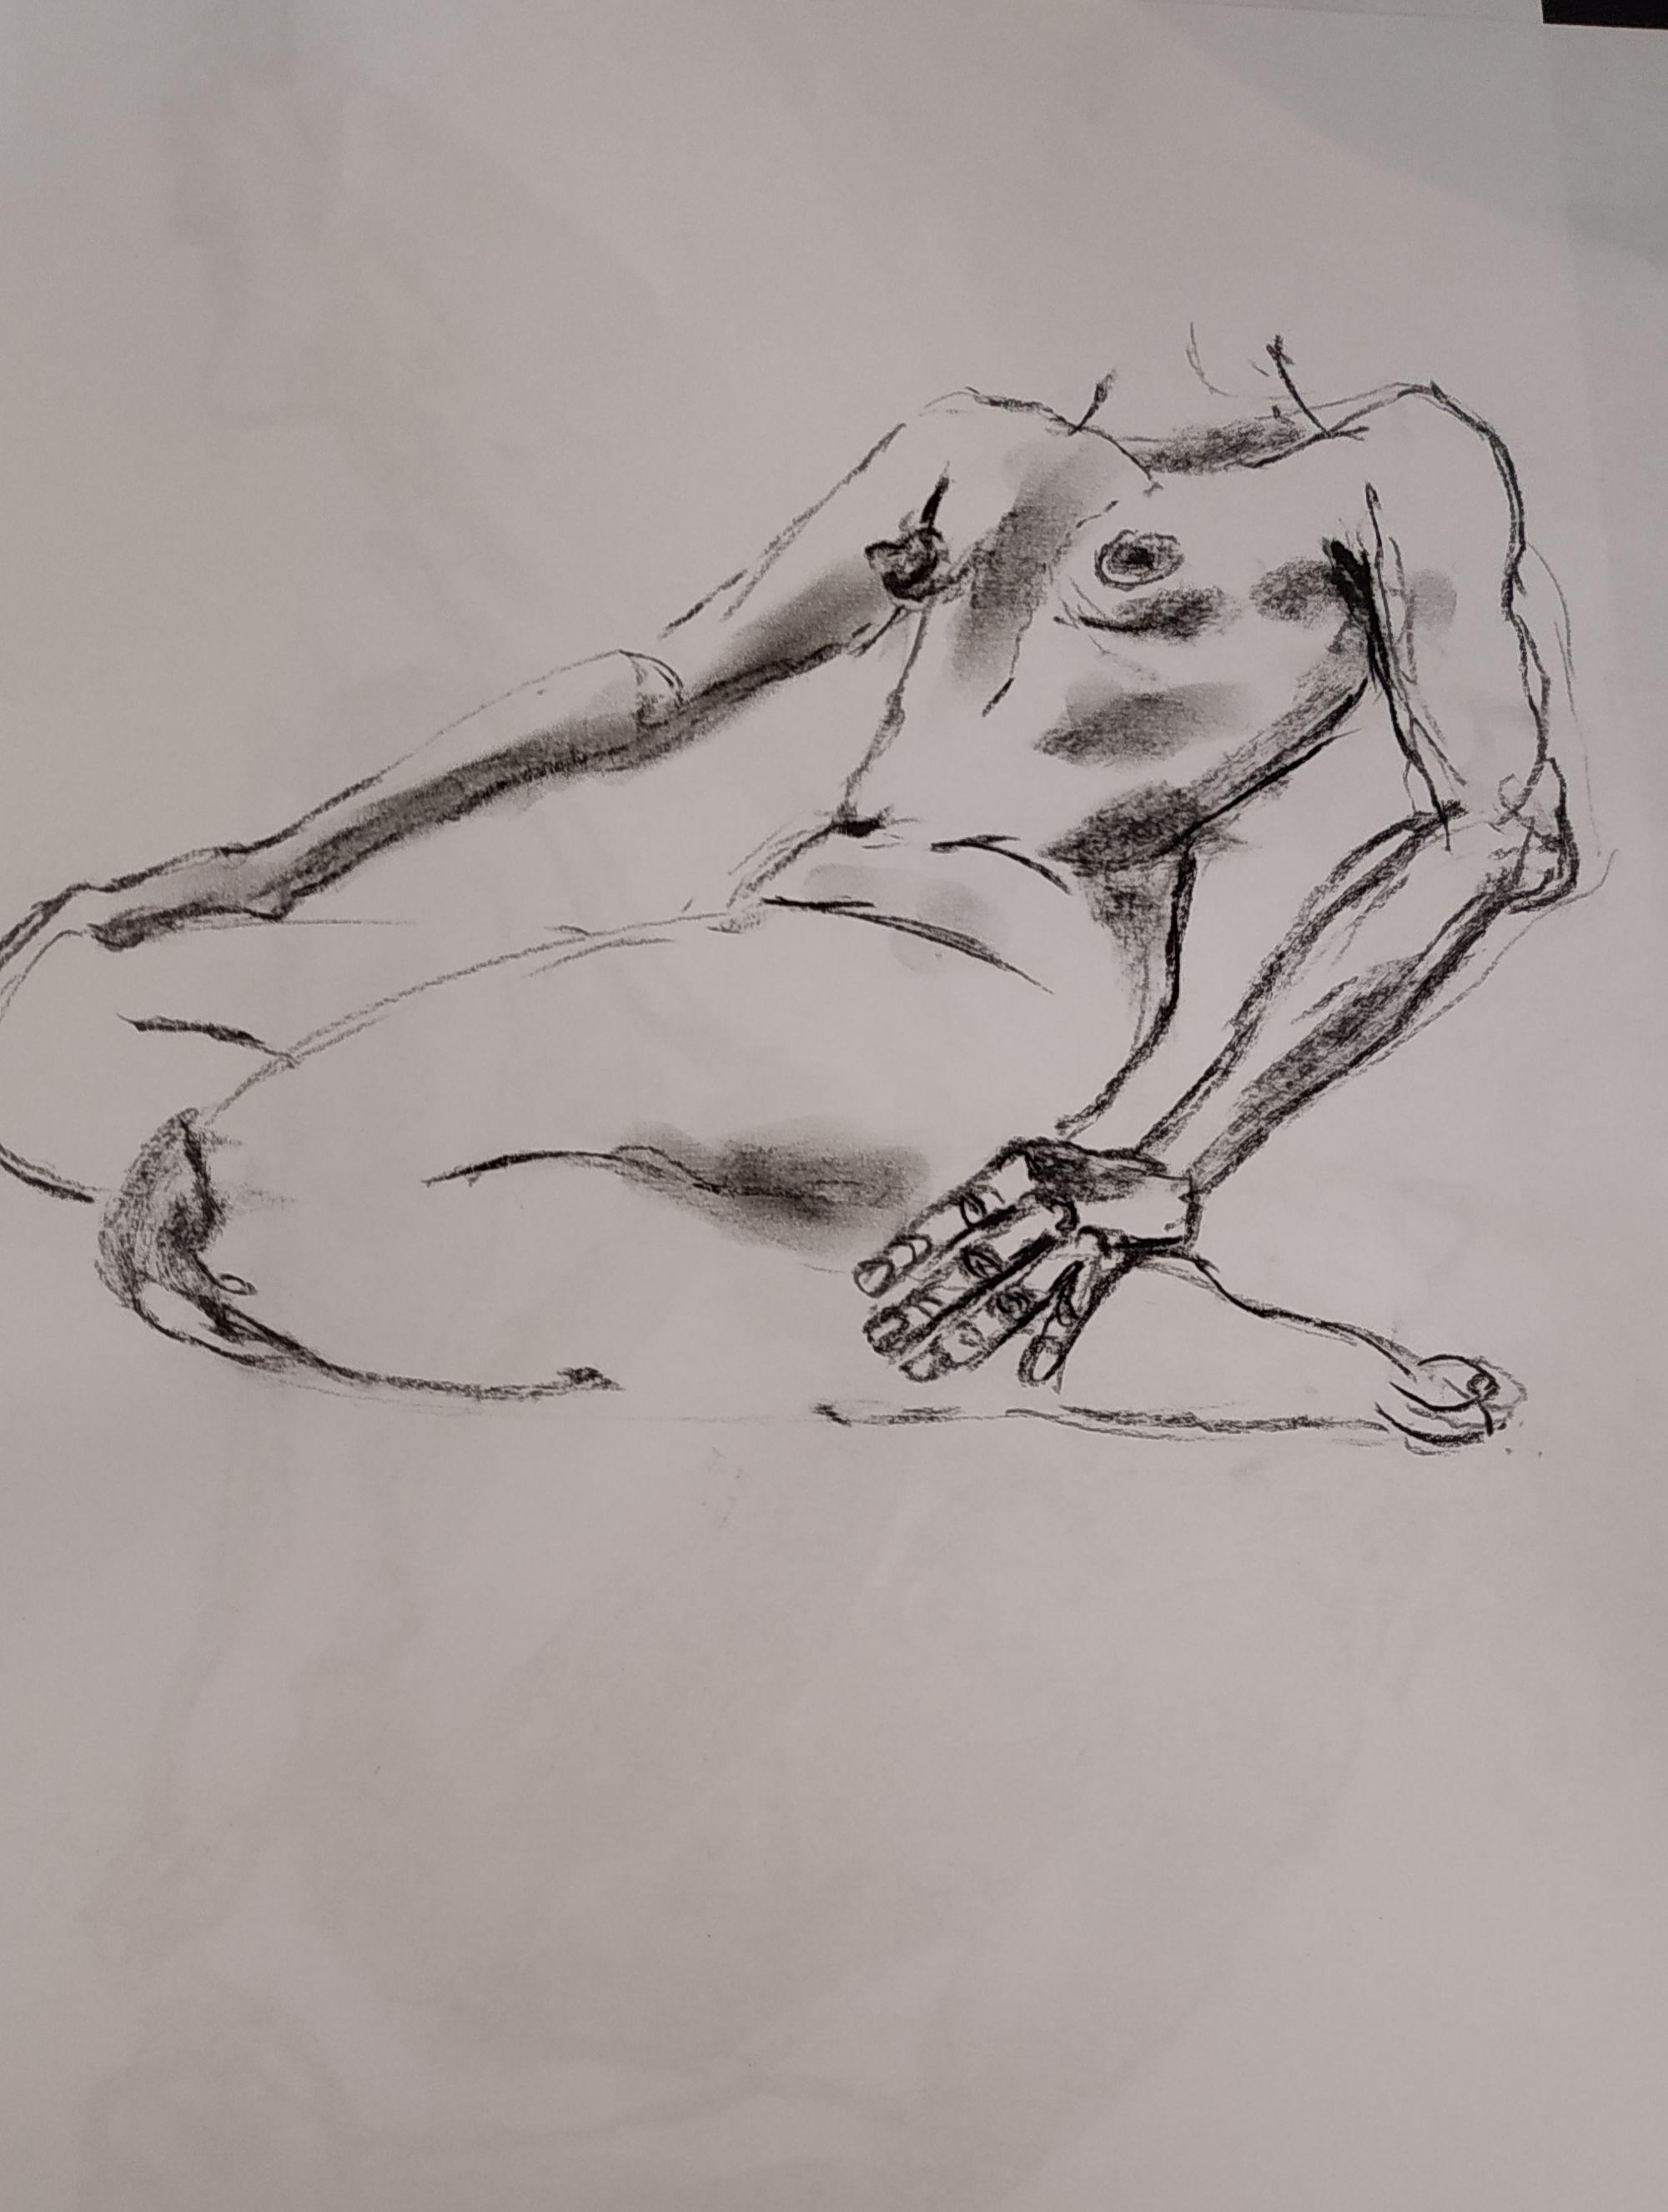 Ébauche dessin fusain Modèle vivant  cours de dessin